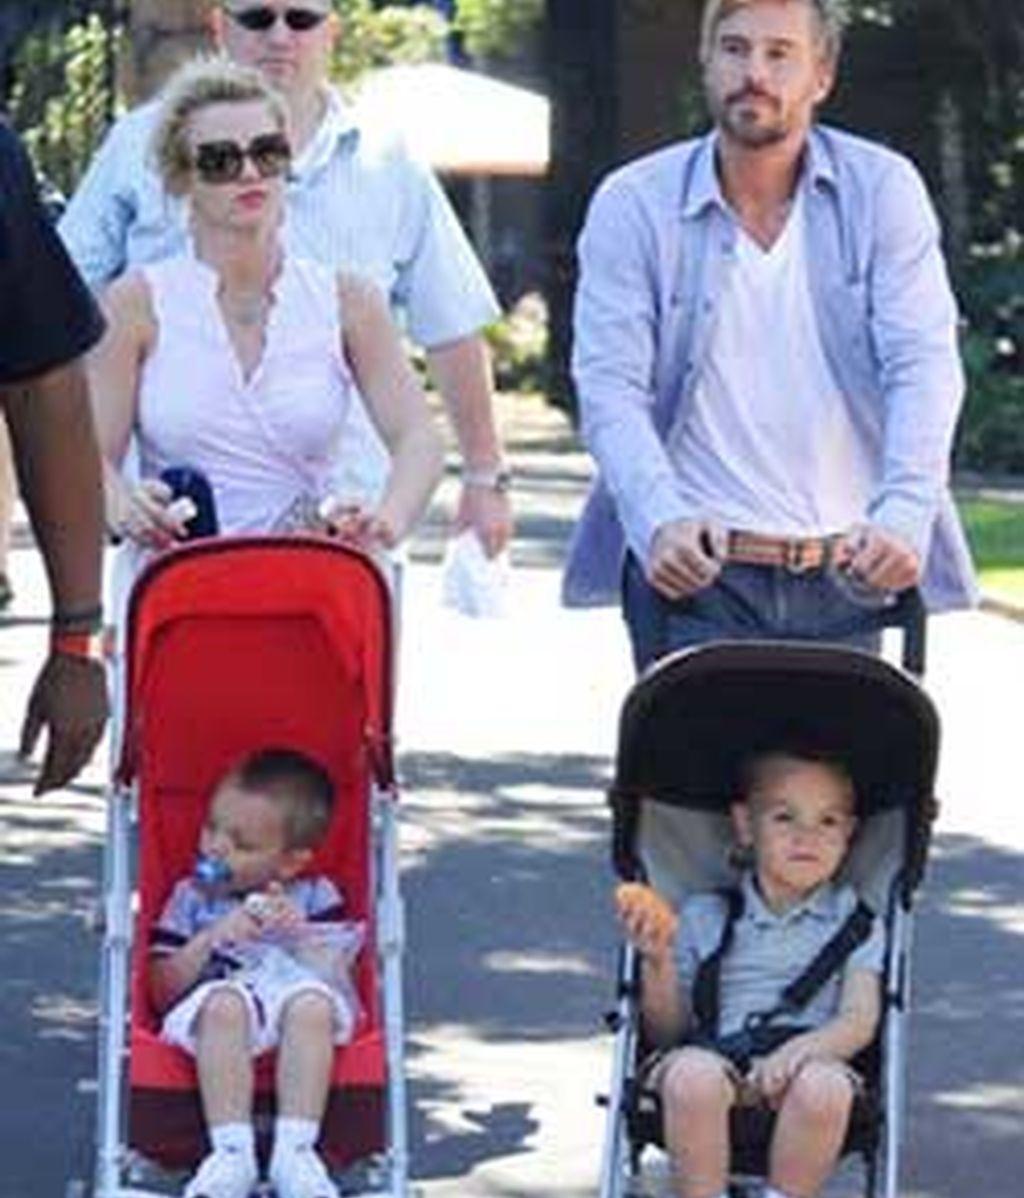 Britney Spears y Jason Trawick dan un paseo junto a los dos hijos de la cantante. Foto: Hollywoodgrind.com